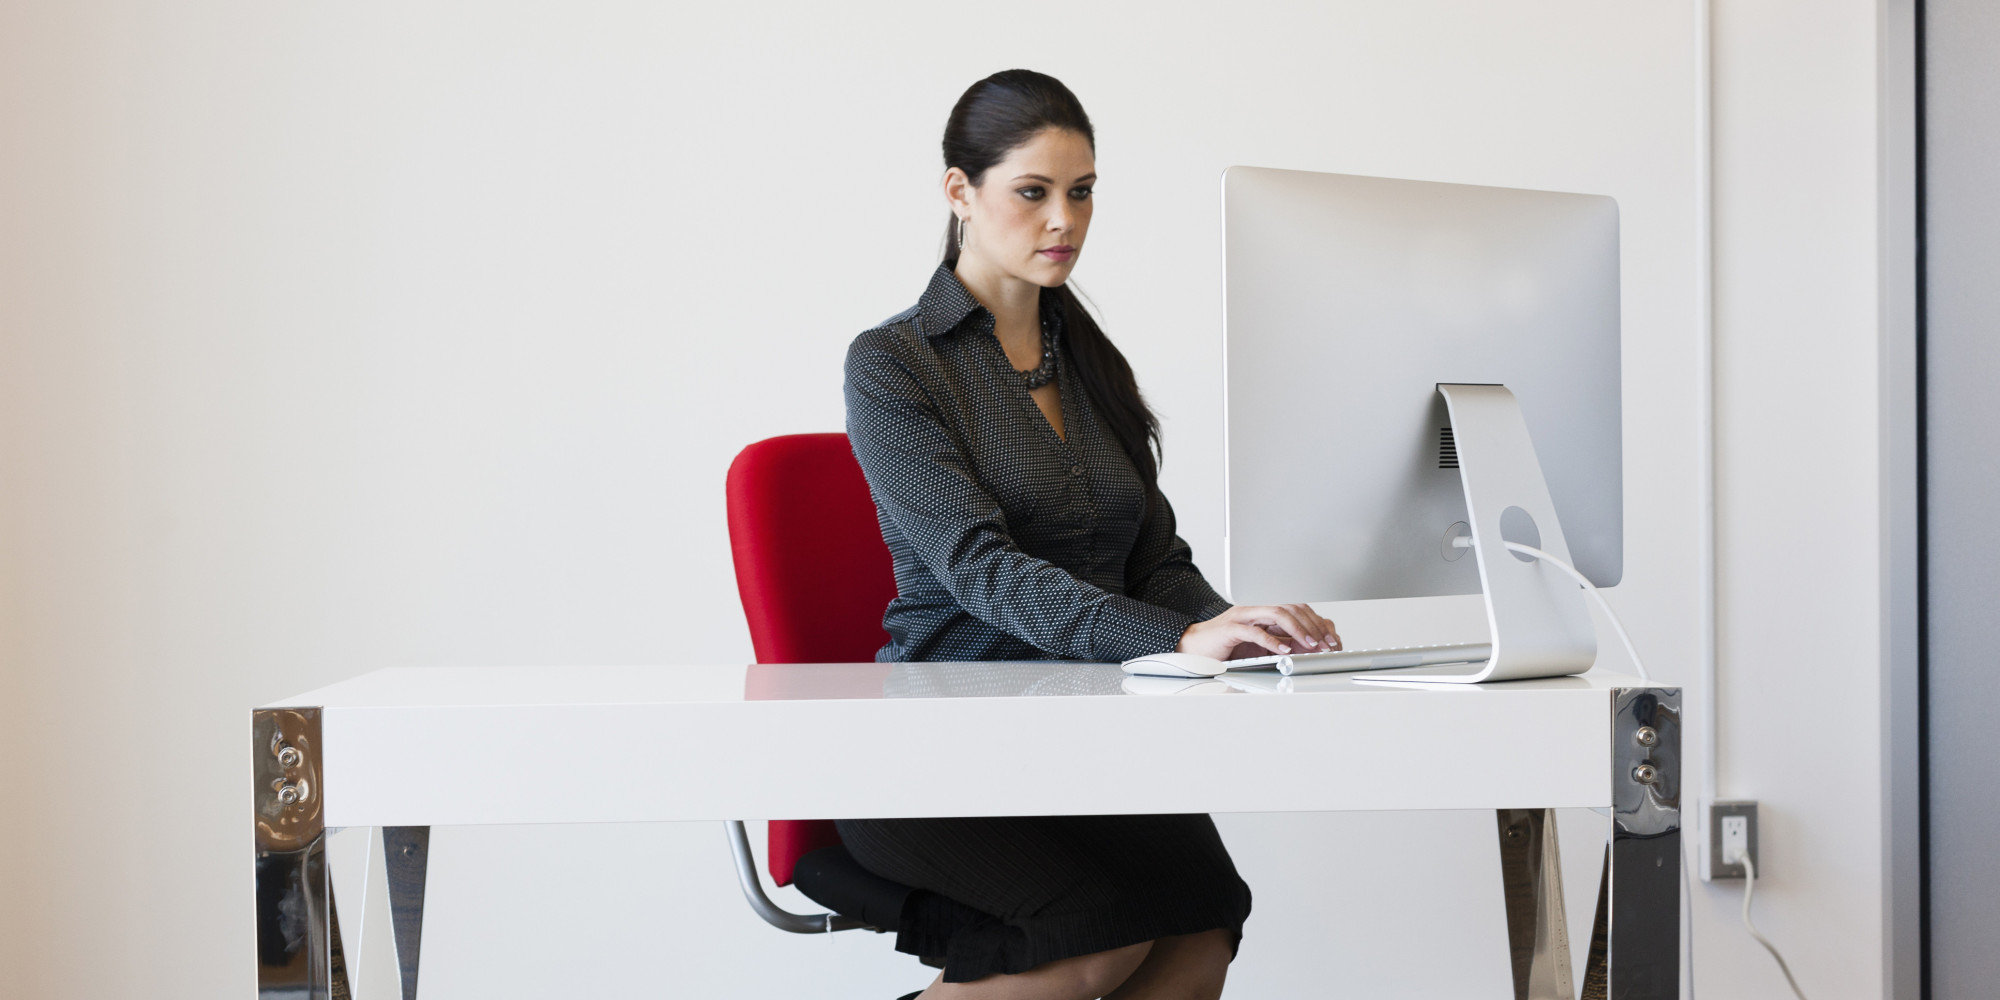 Occupation girl boss huffpost - Desk girl image in ...